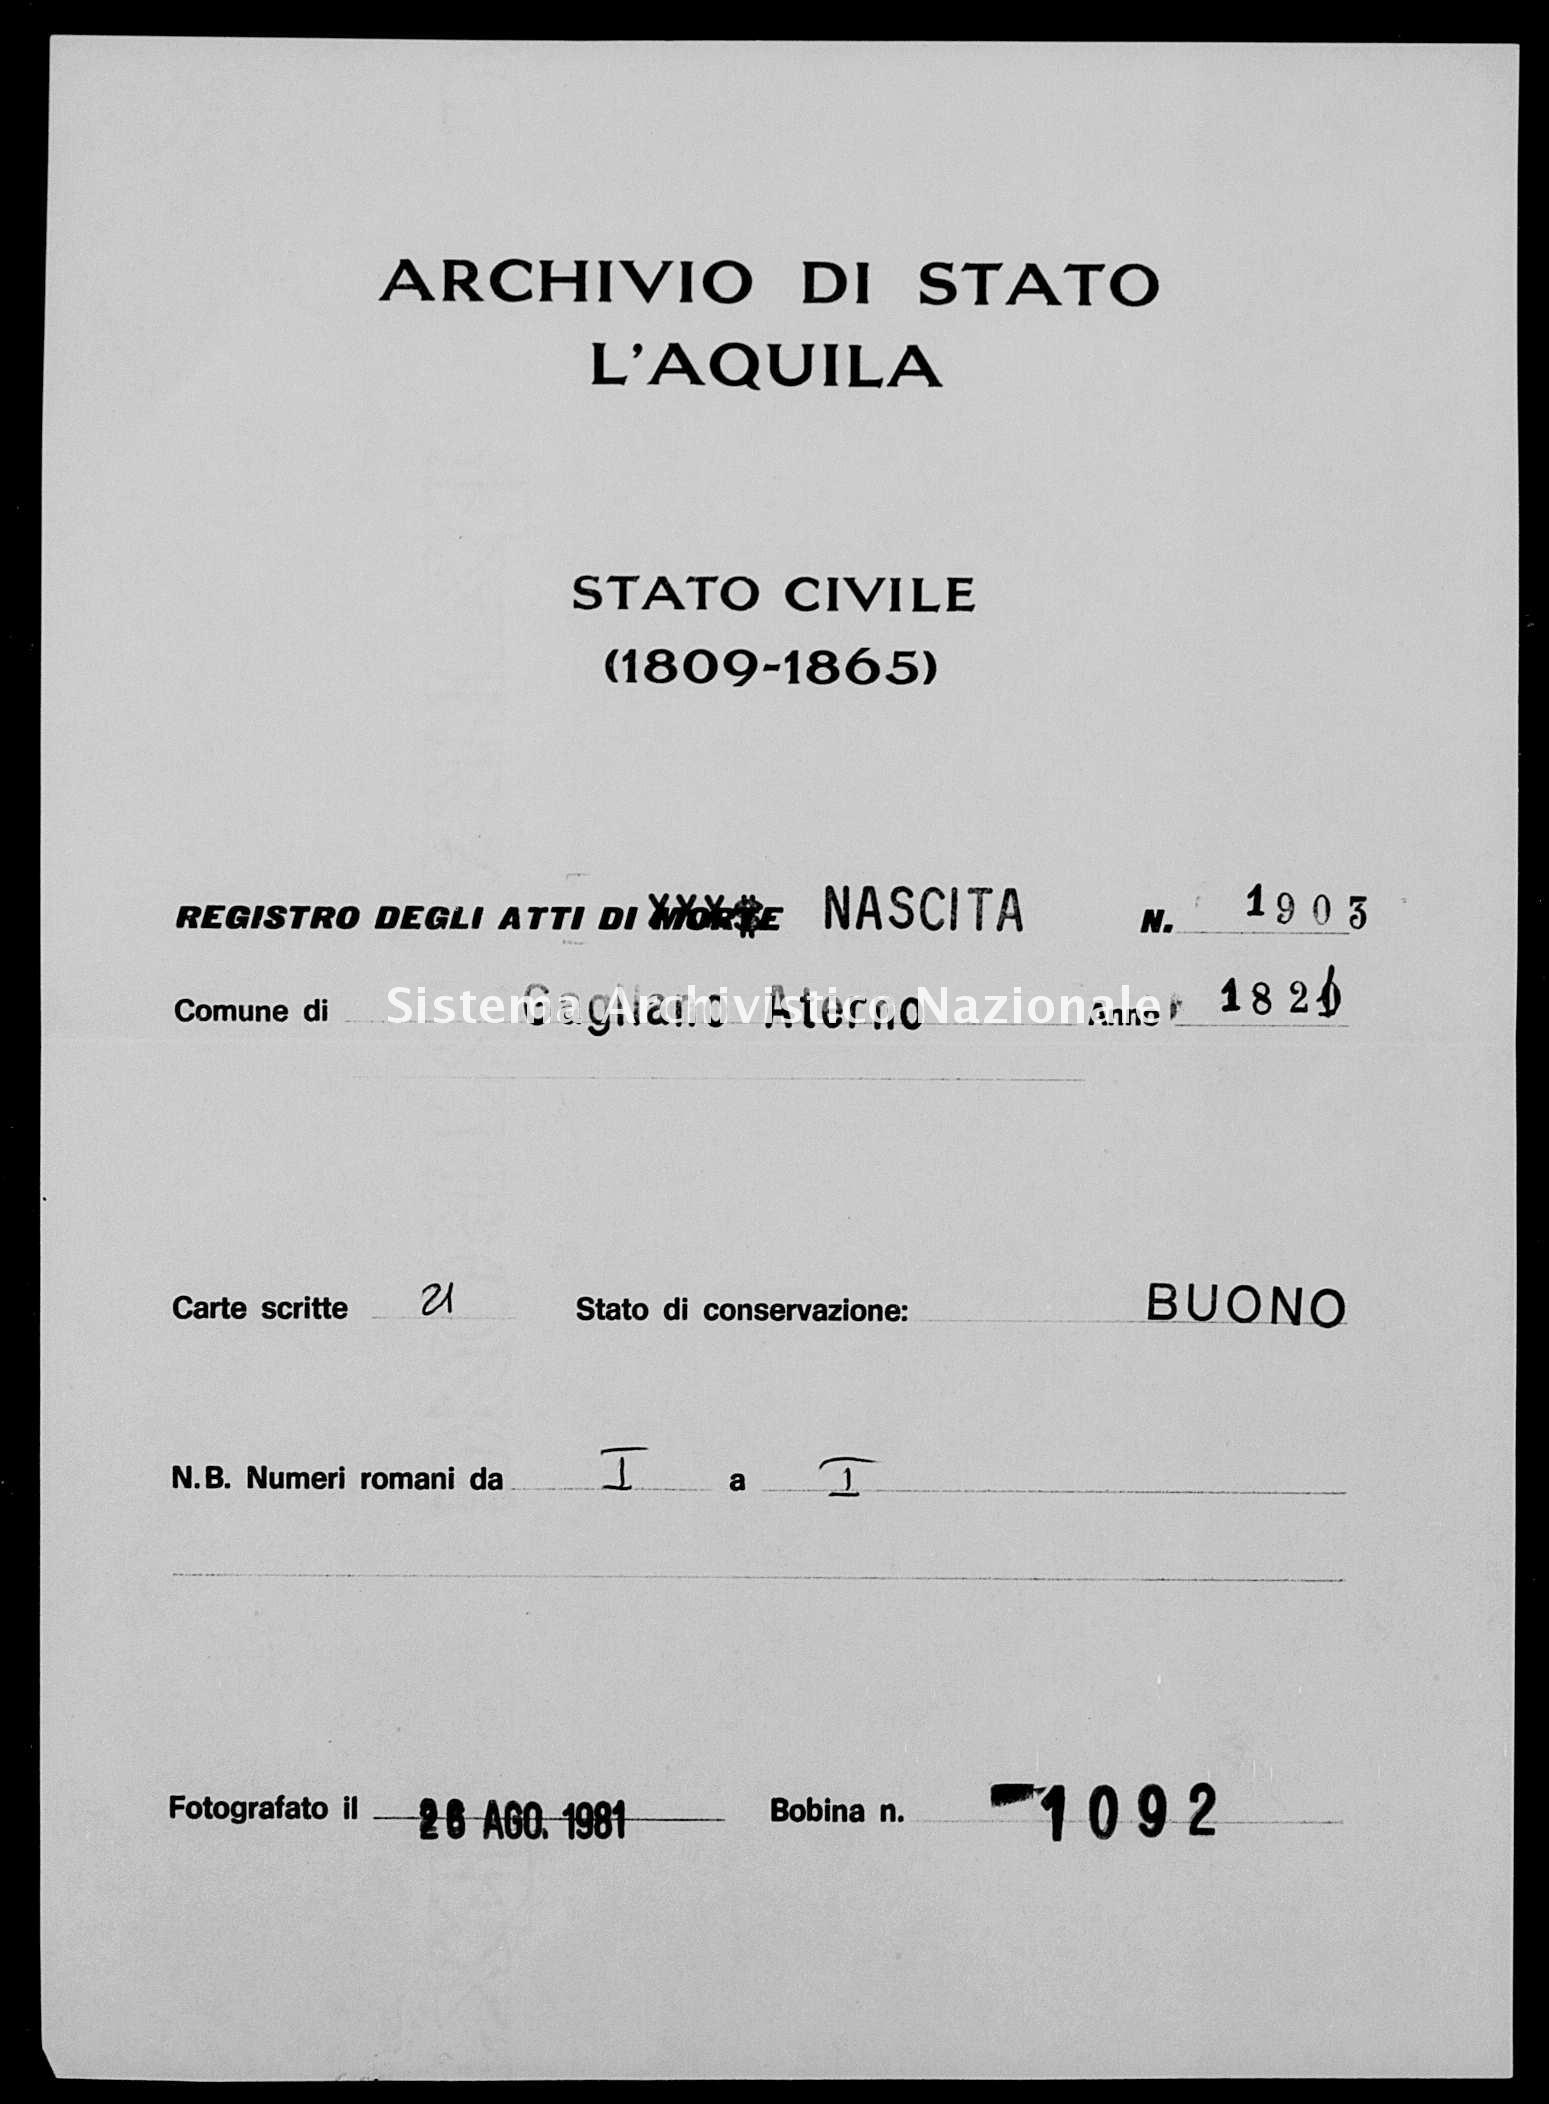 Archivio di stato di L'aquila - Stato civile della restaurazione - Gagliano Aterno - Nati - 1821 - 1903 -